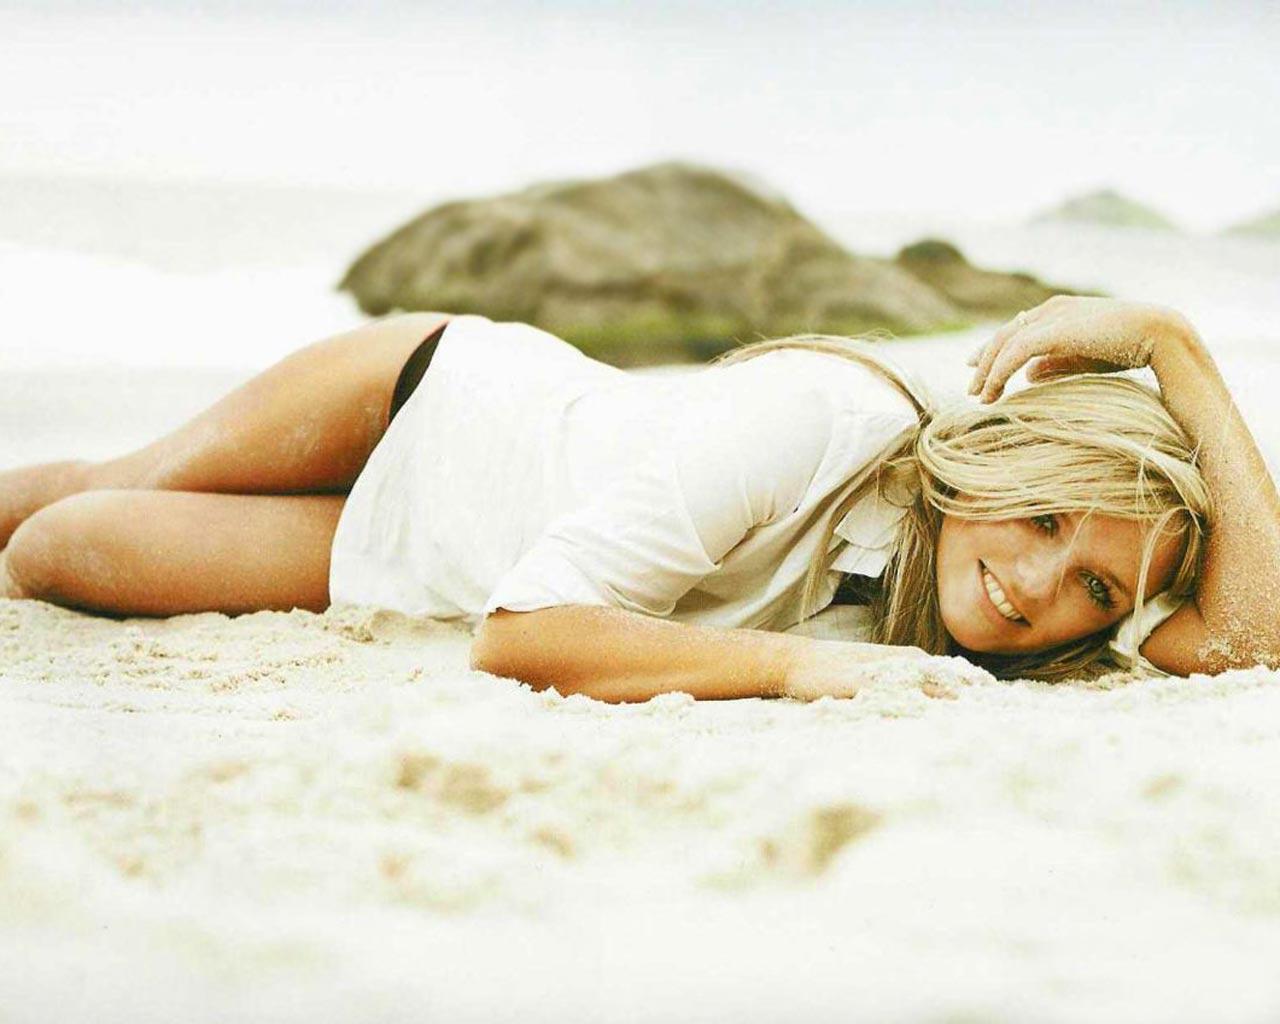 http://2.bp.blogspot.com/-9td_YI9Rv1o/Tu-muGYra5I/AAAAAAAABX0/pA_E0KGy1mM/s1600/Emma-Bunton1.jpg